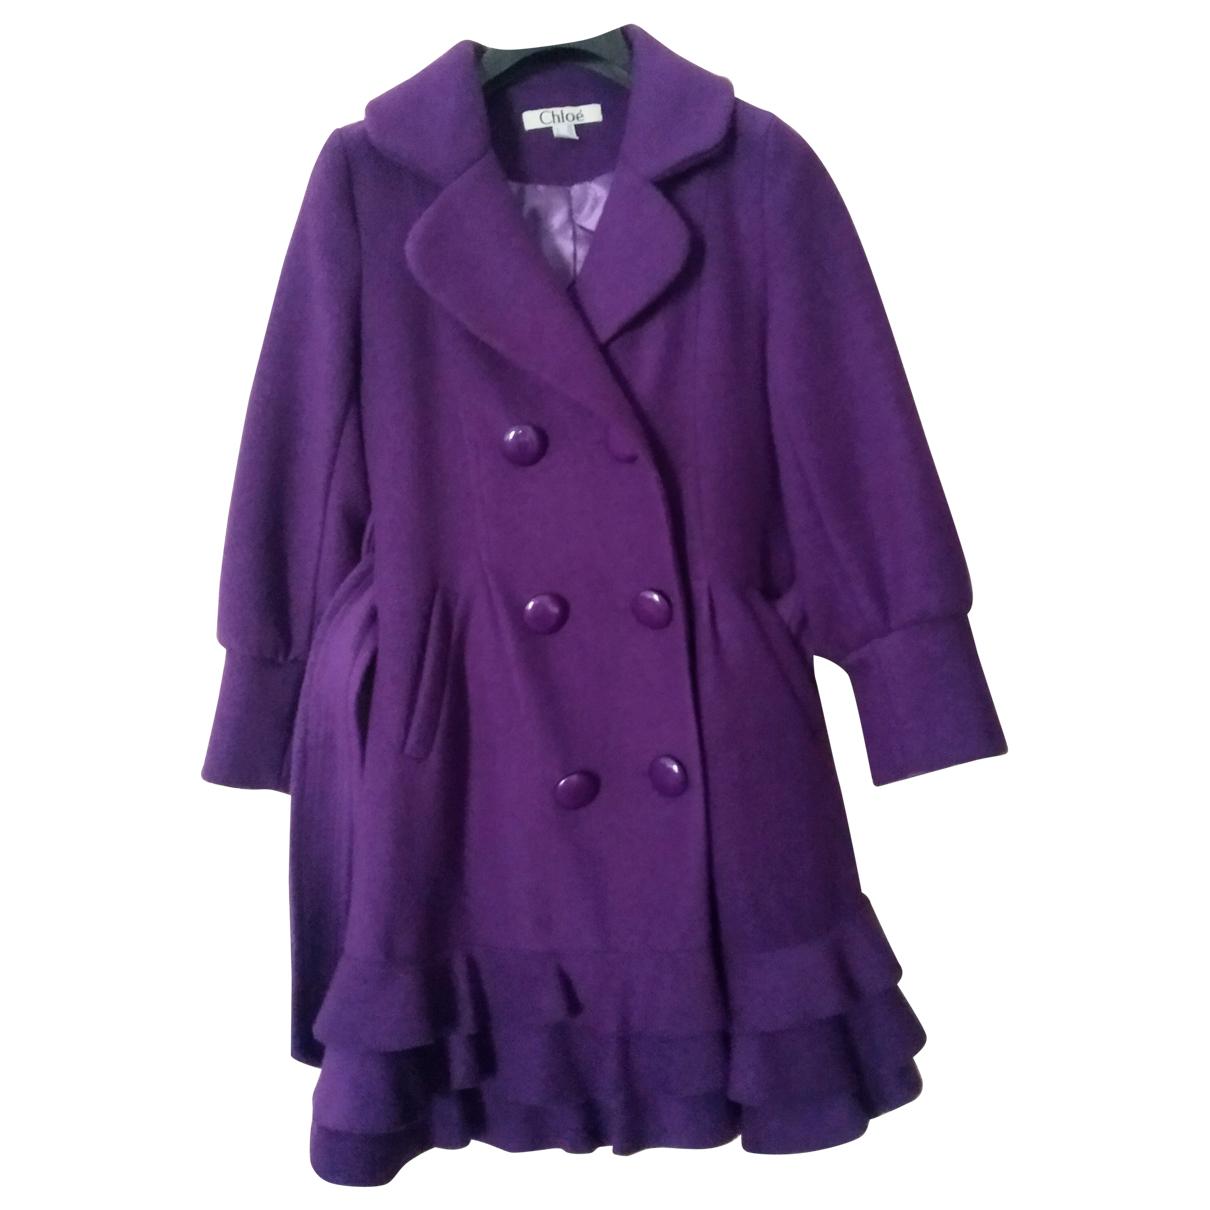 Chloe - Manteau   pour femme en laine - violet